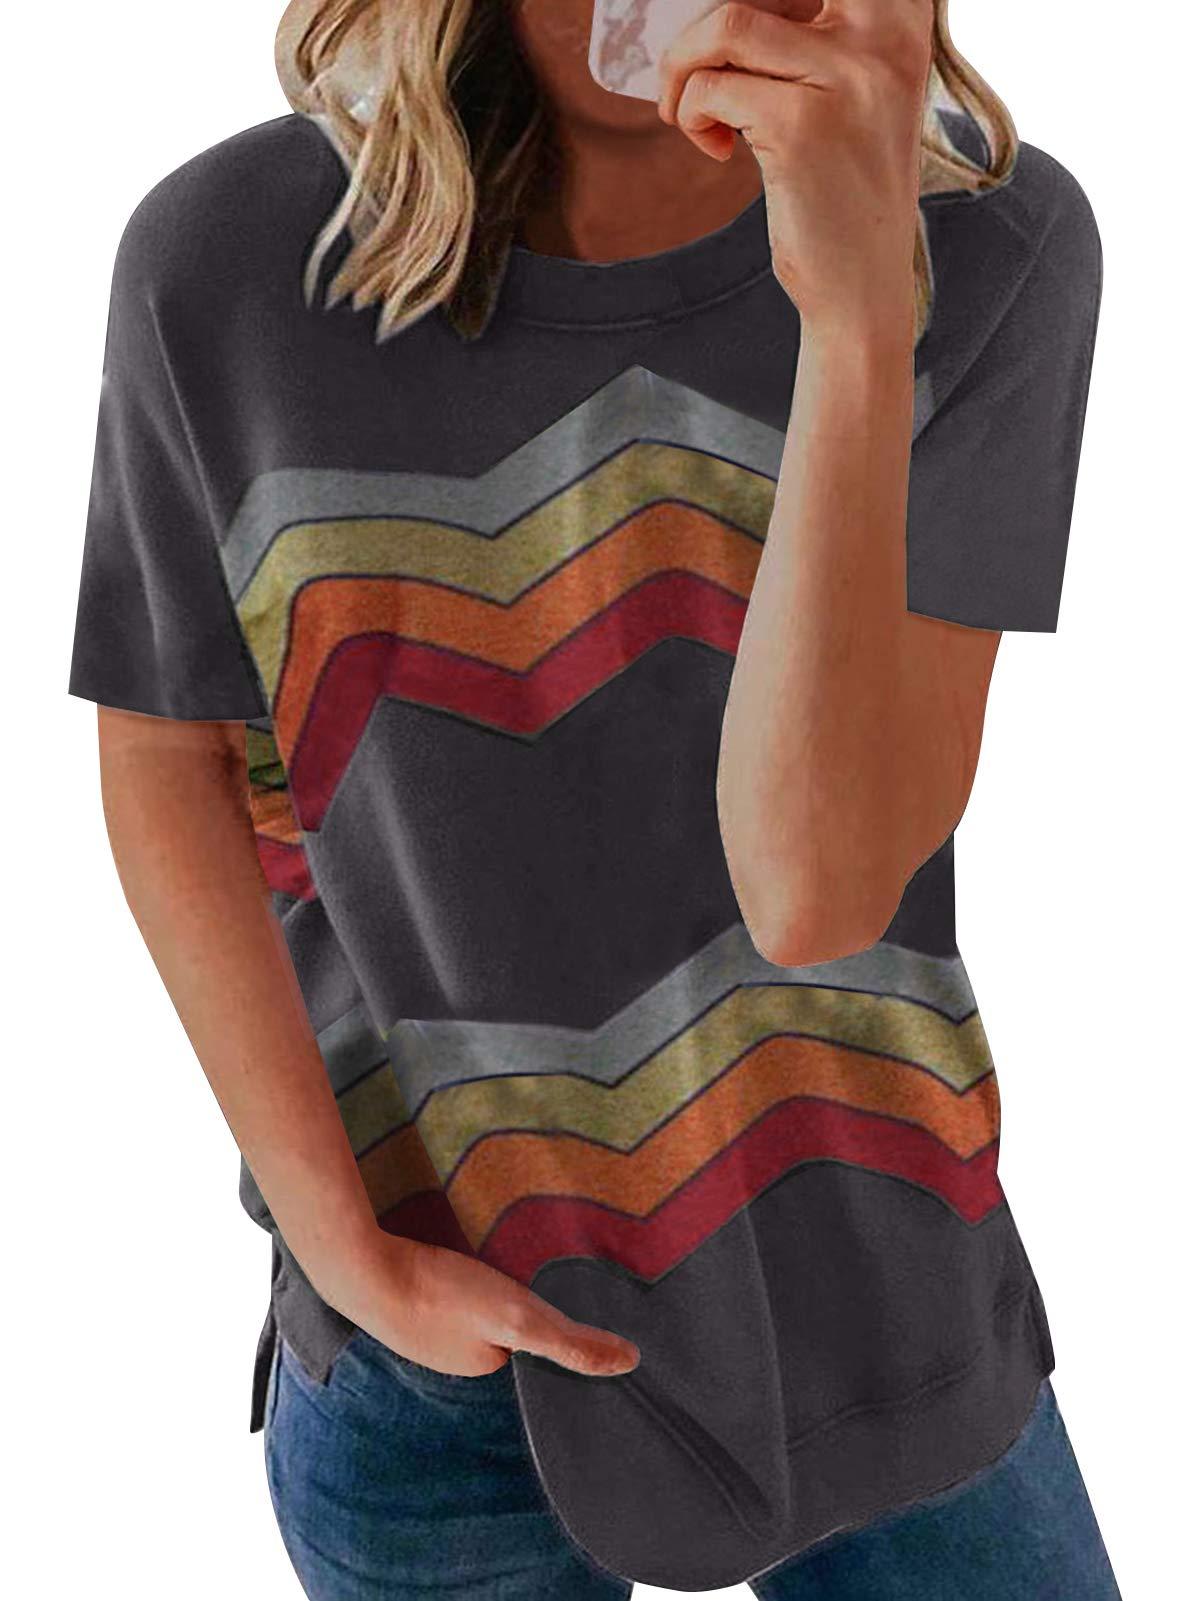 Bequemer Laden Women's Casual Summer Short Sleeve Crewneck Shirts Tops Blouse Basic Tee T-Shirt